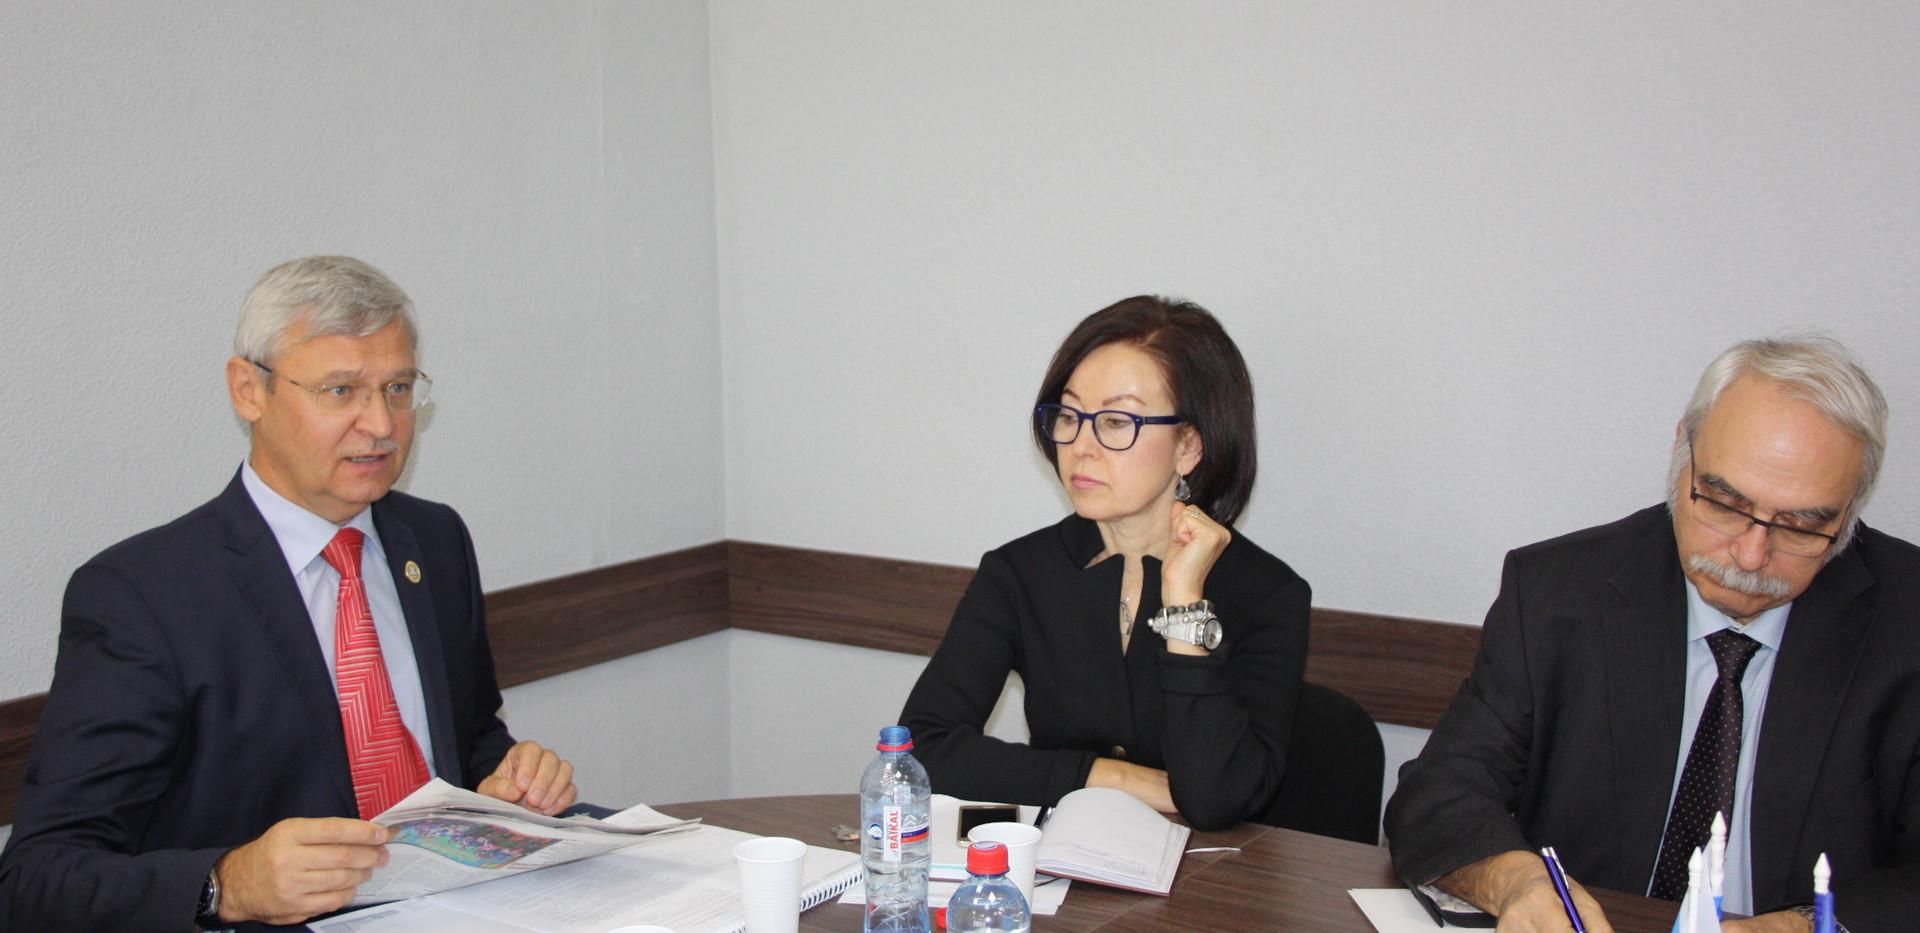 Встреча с министром здравоохранения ИО в